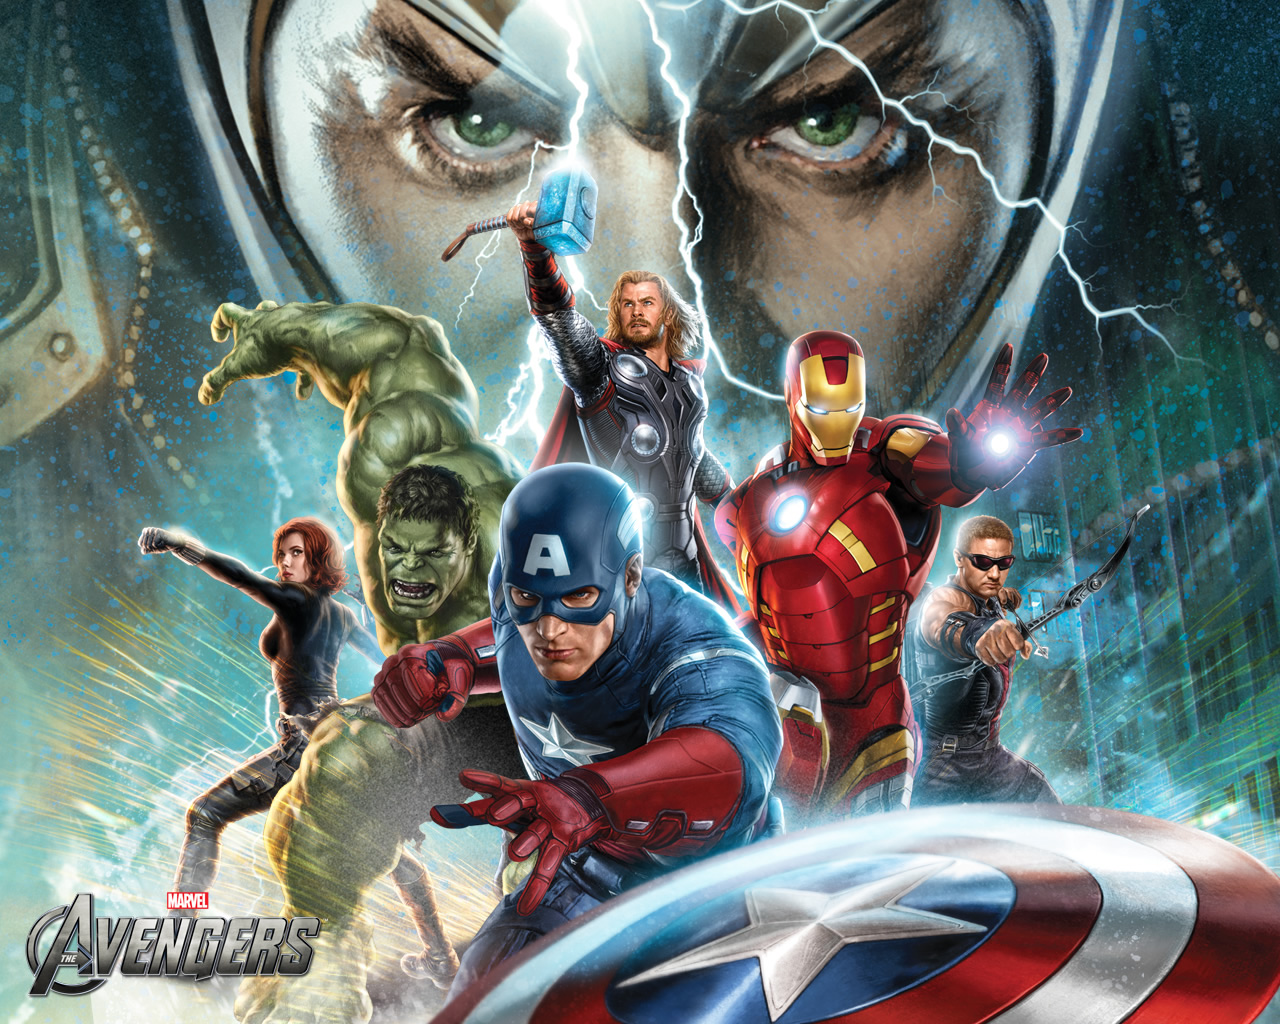 Popular Wallpaper Home Screen Marvel - avengers_background_12  Image_29513.jpg